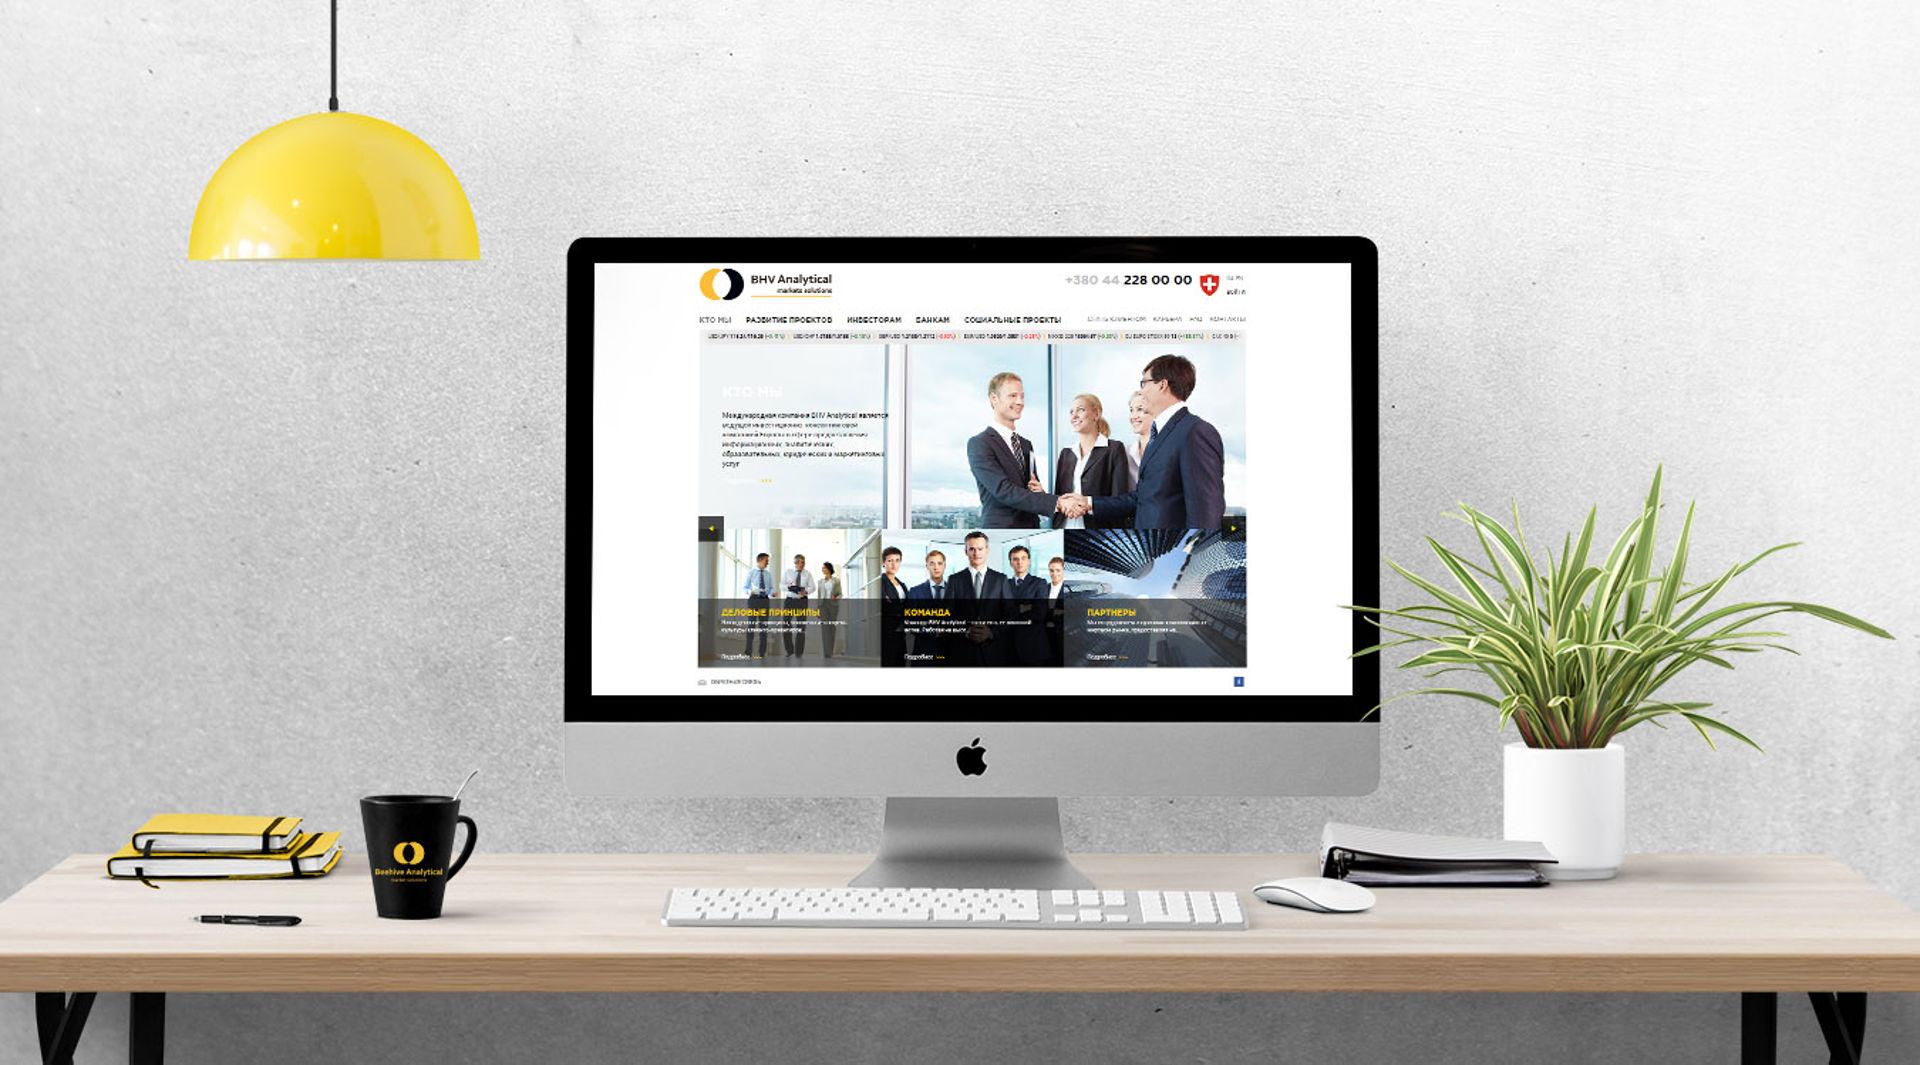 Дизайн сайта финансовой компании, Finance company web design